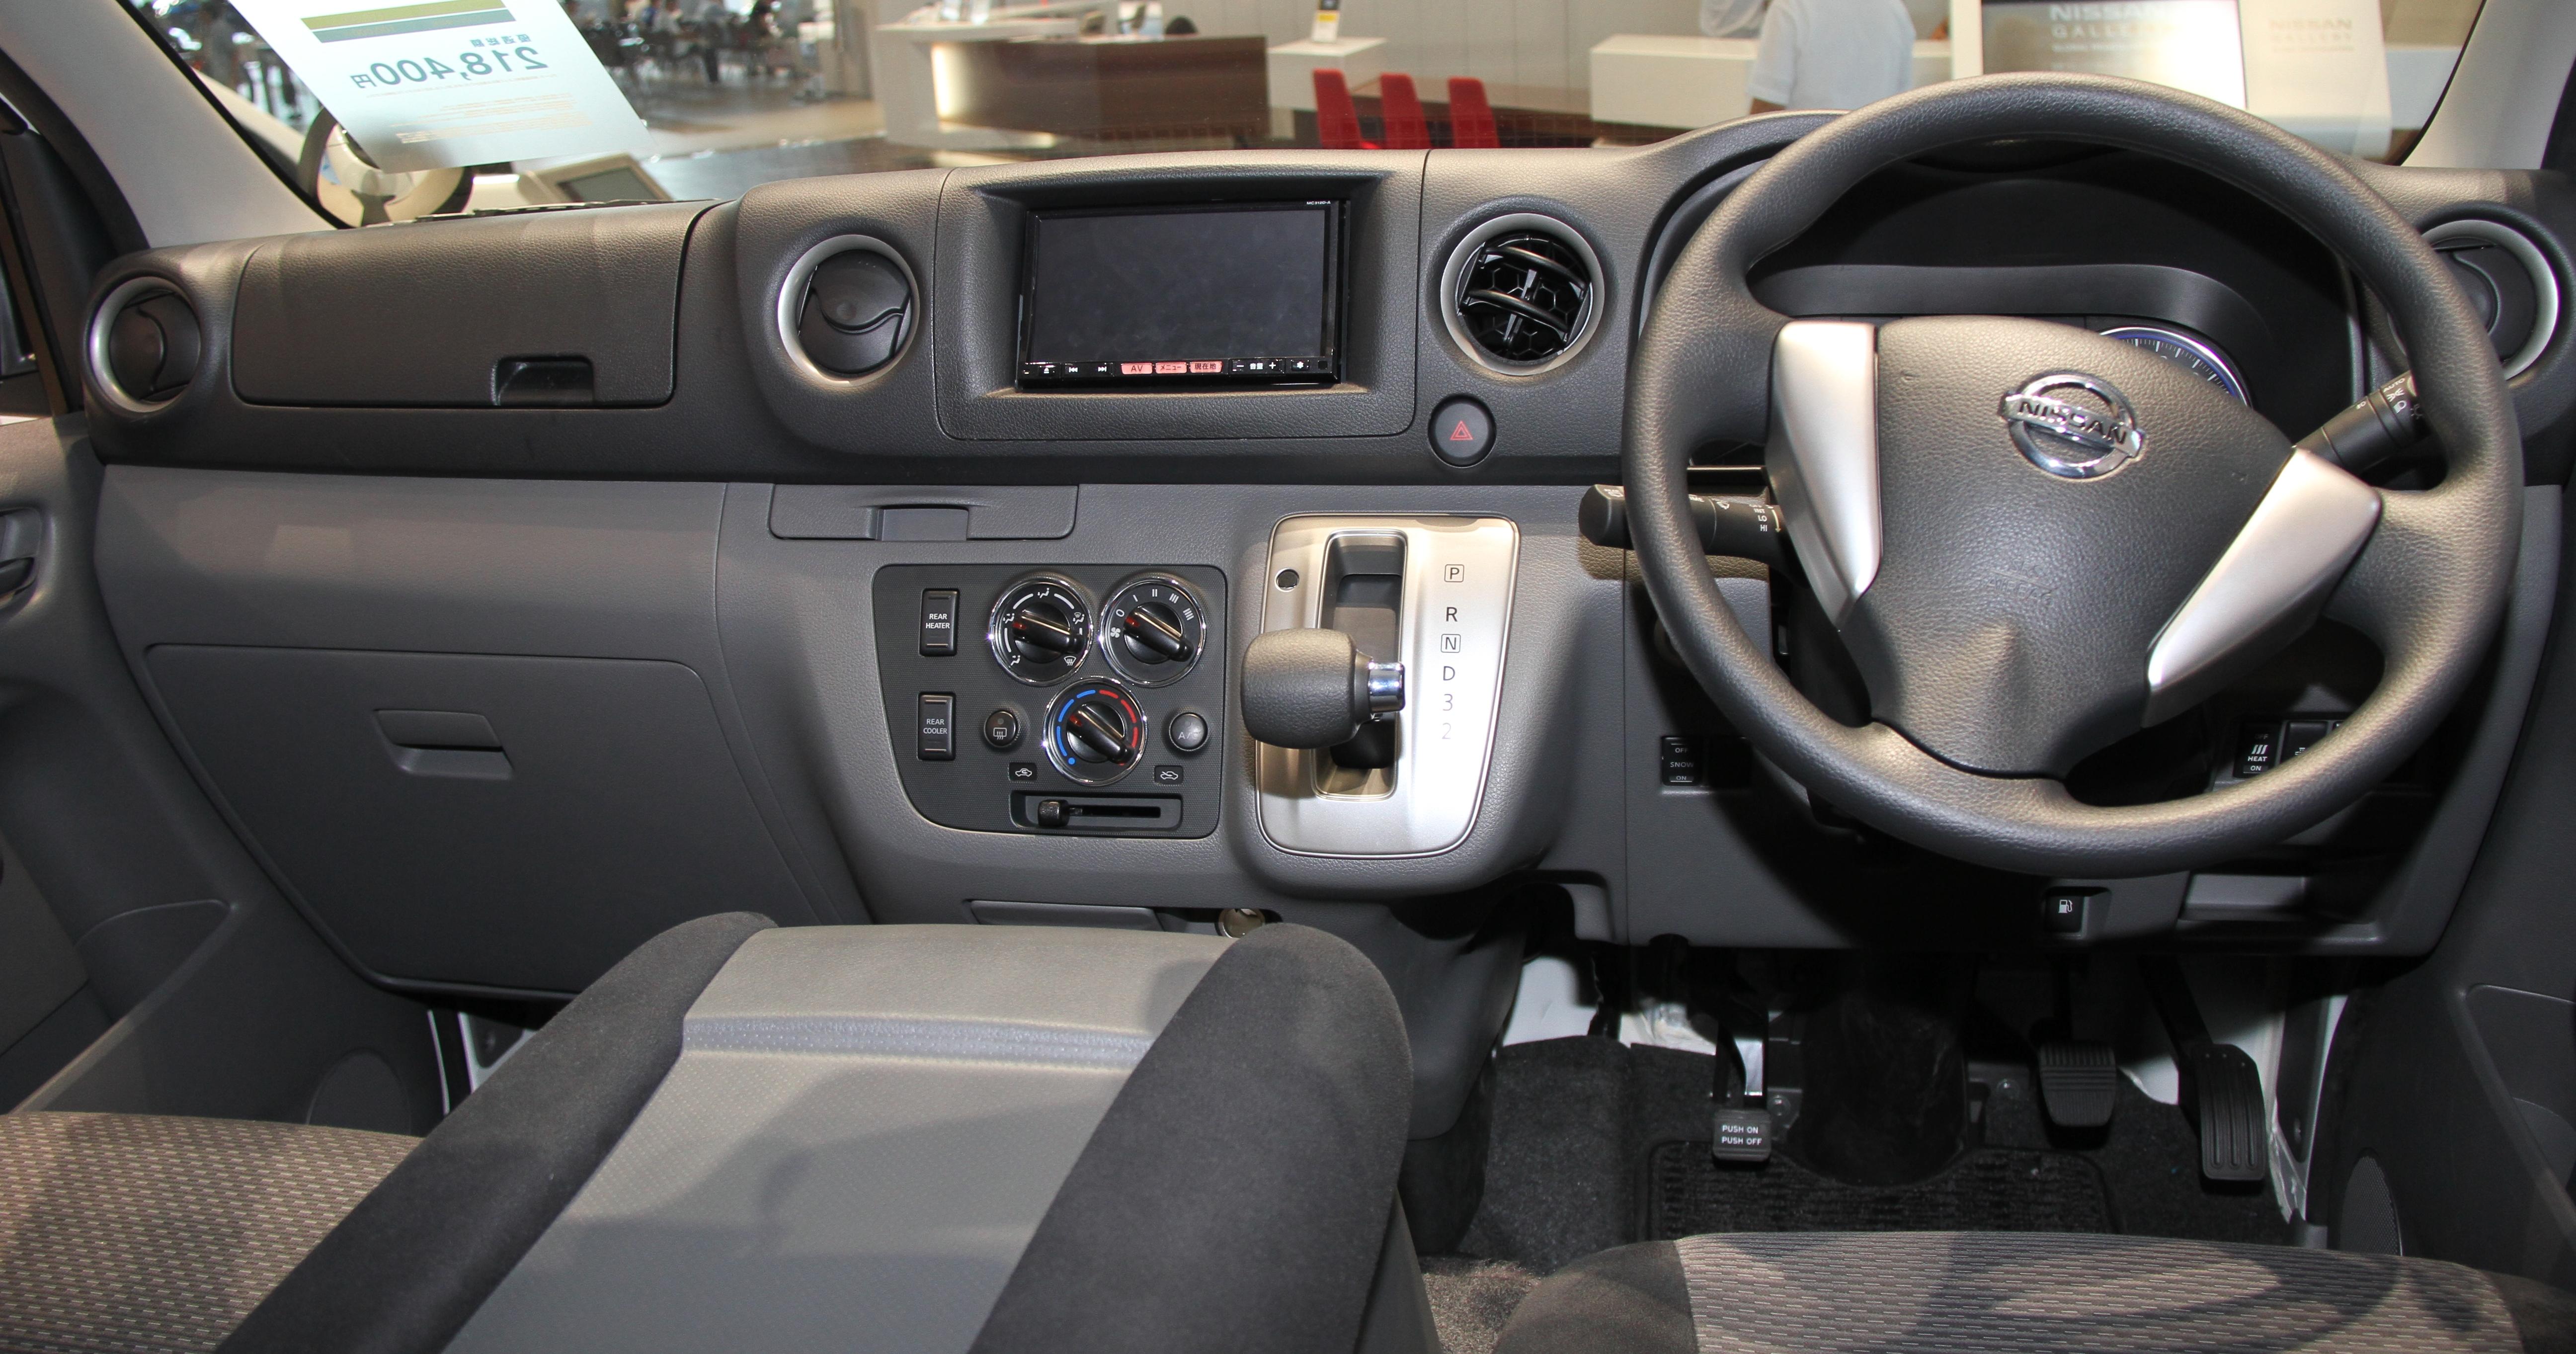 FileNissan NV350 Caravan Interior